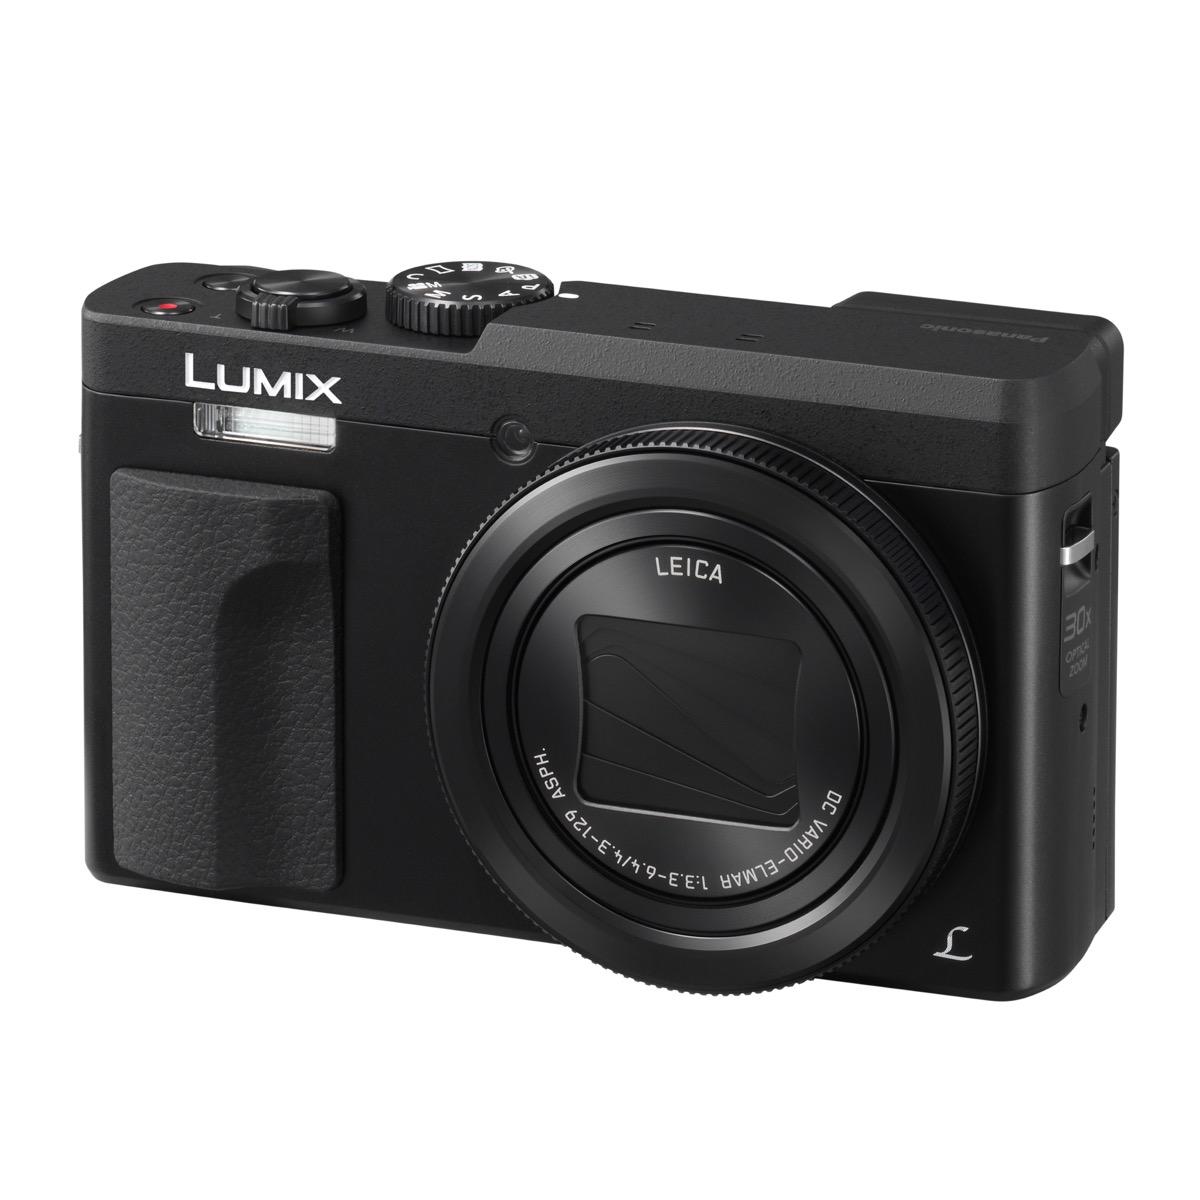 Lumix Tz90 La Compatta 4k Che Estrae Fotogrammi In Hd Dai